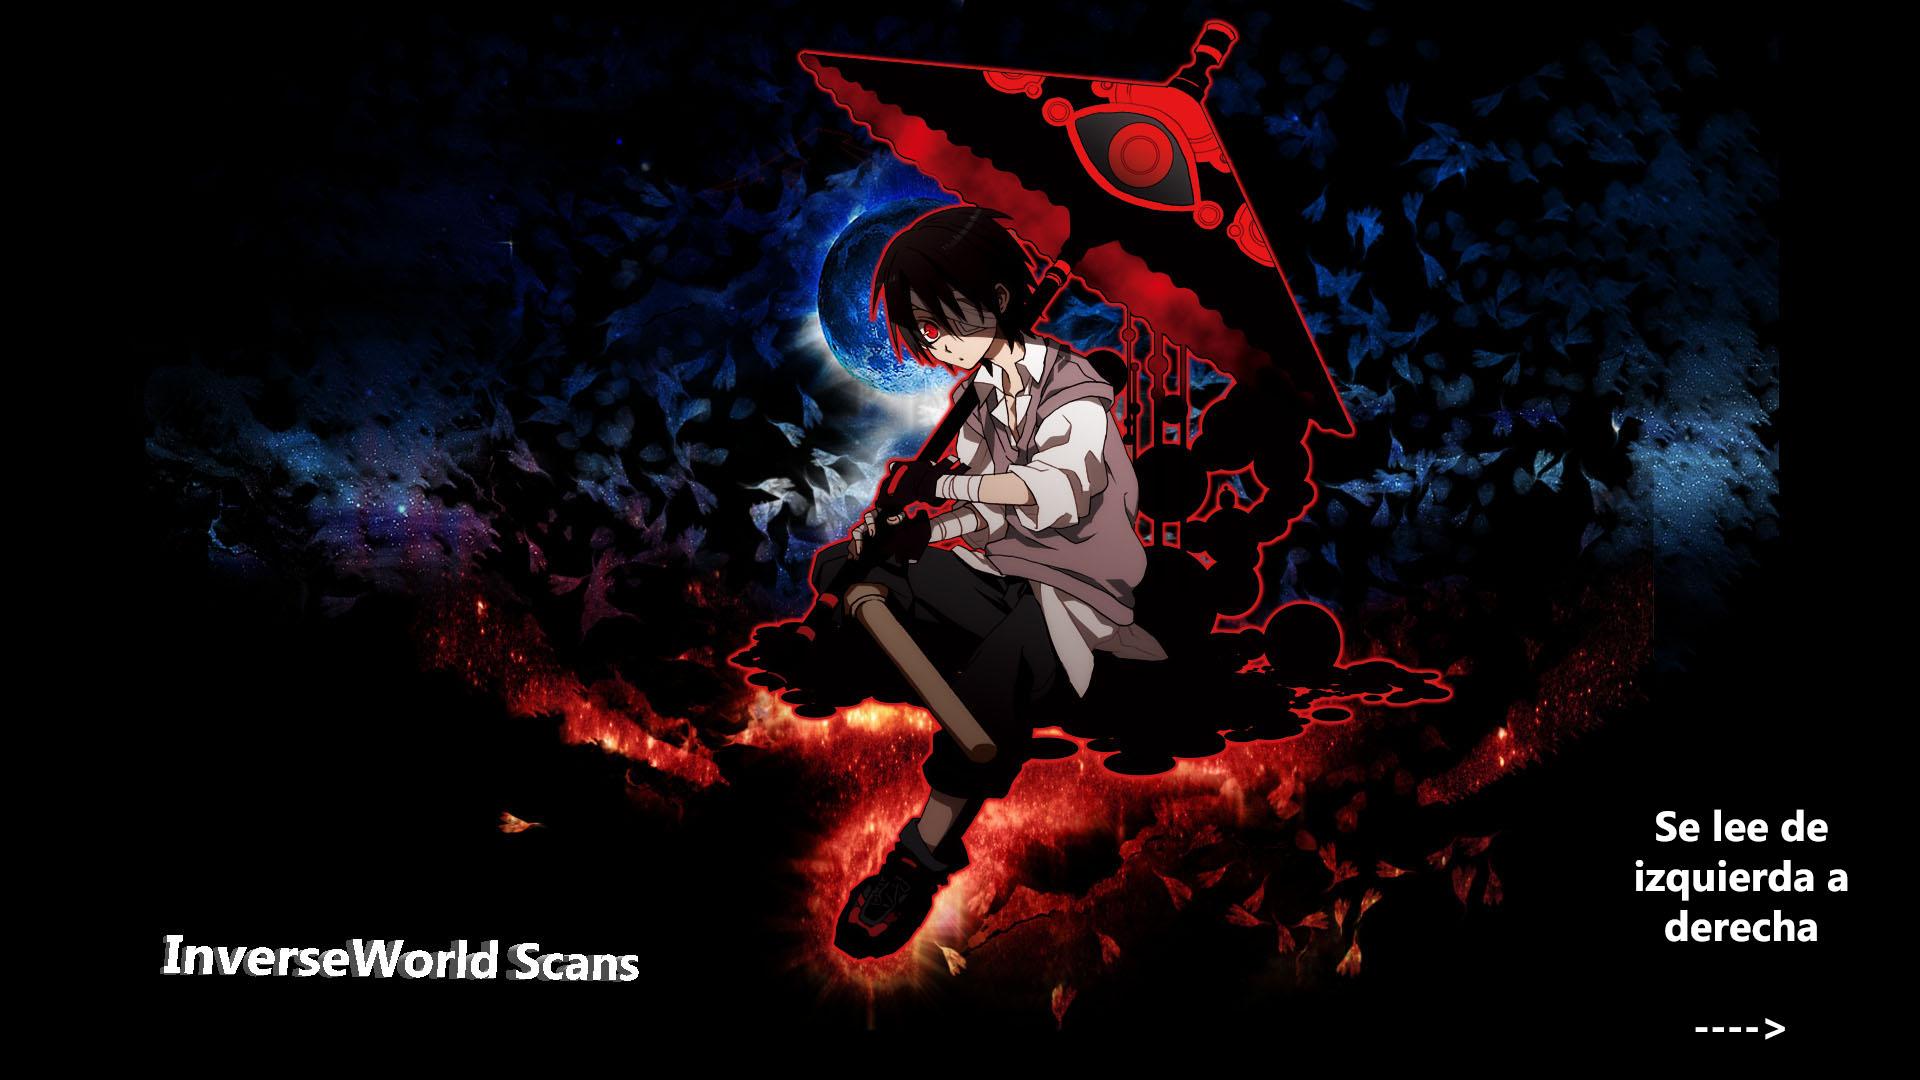 http://c5.ninemanga.com/es_manga/18/16210/415311/eb95e630acb84f9cff9abfc310349381.jpg Page 2